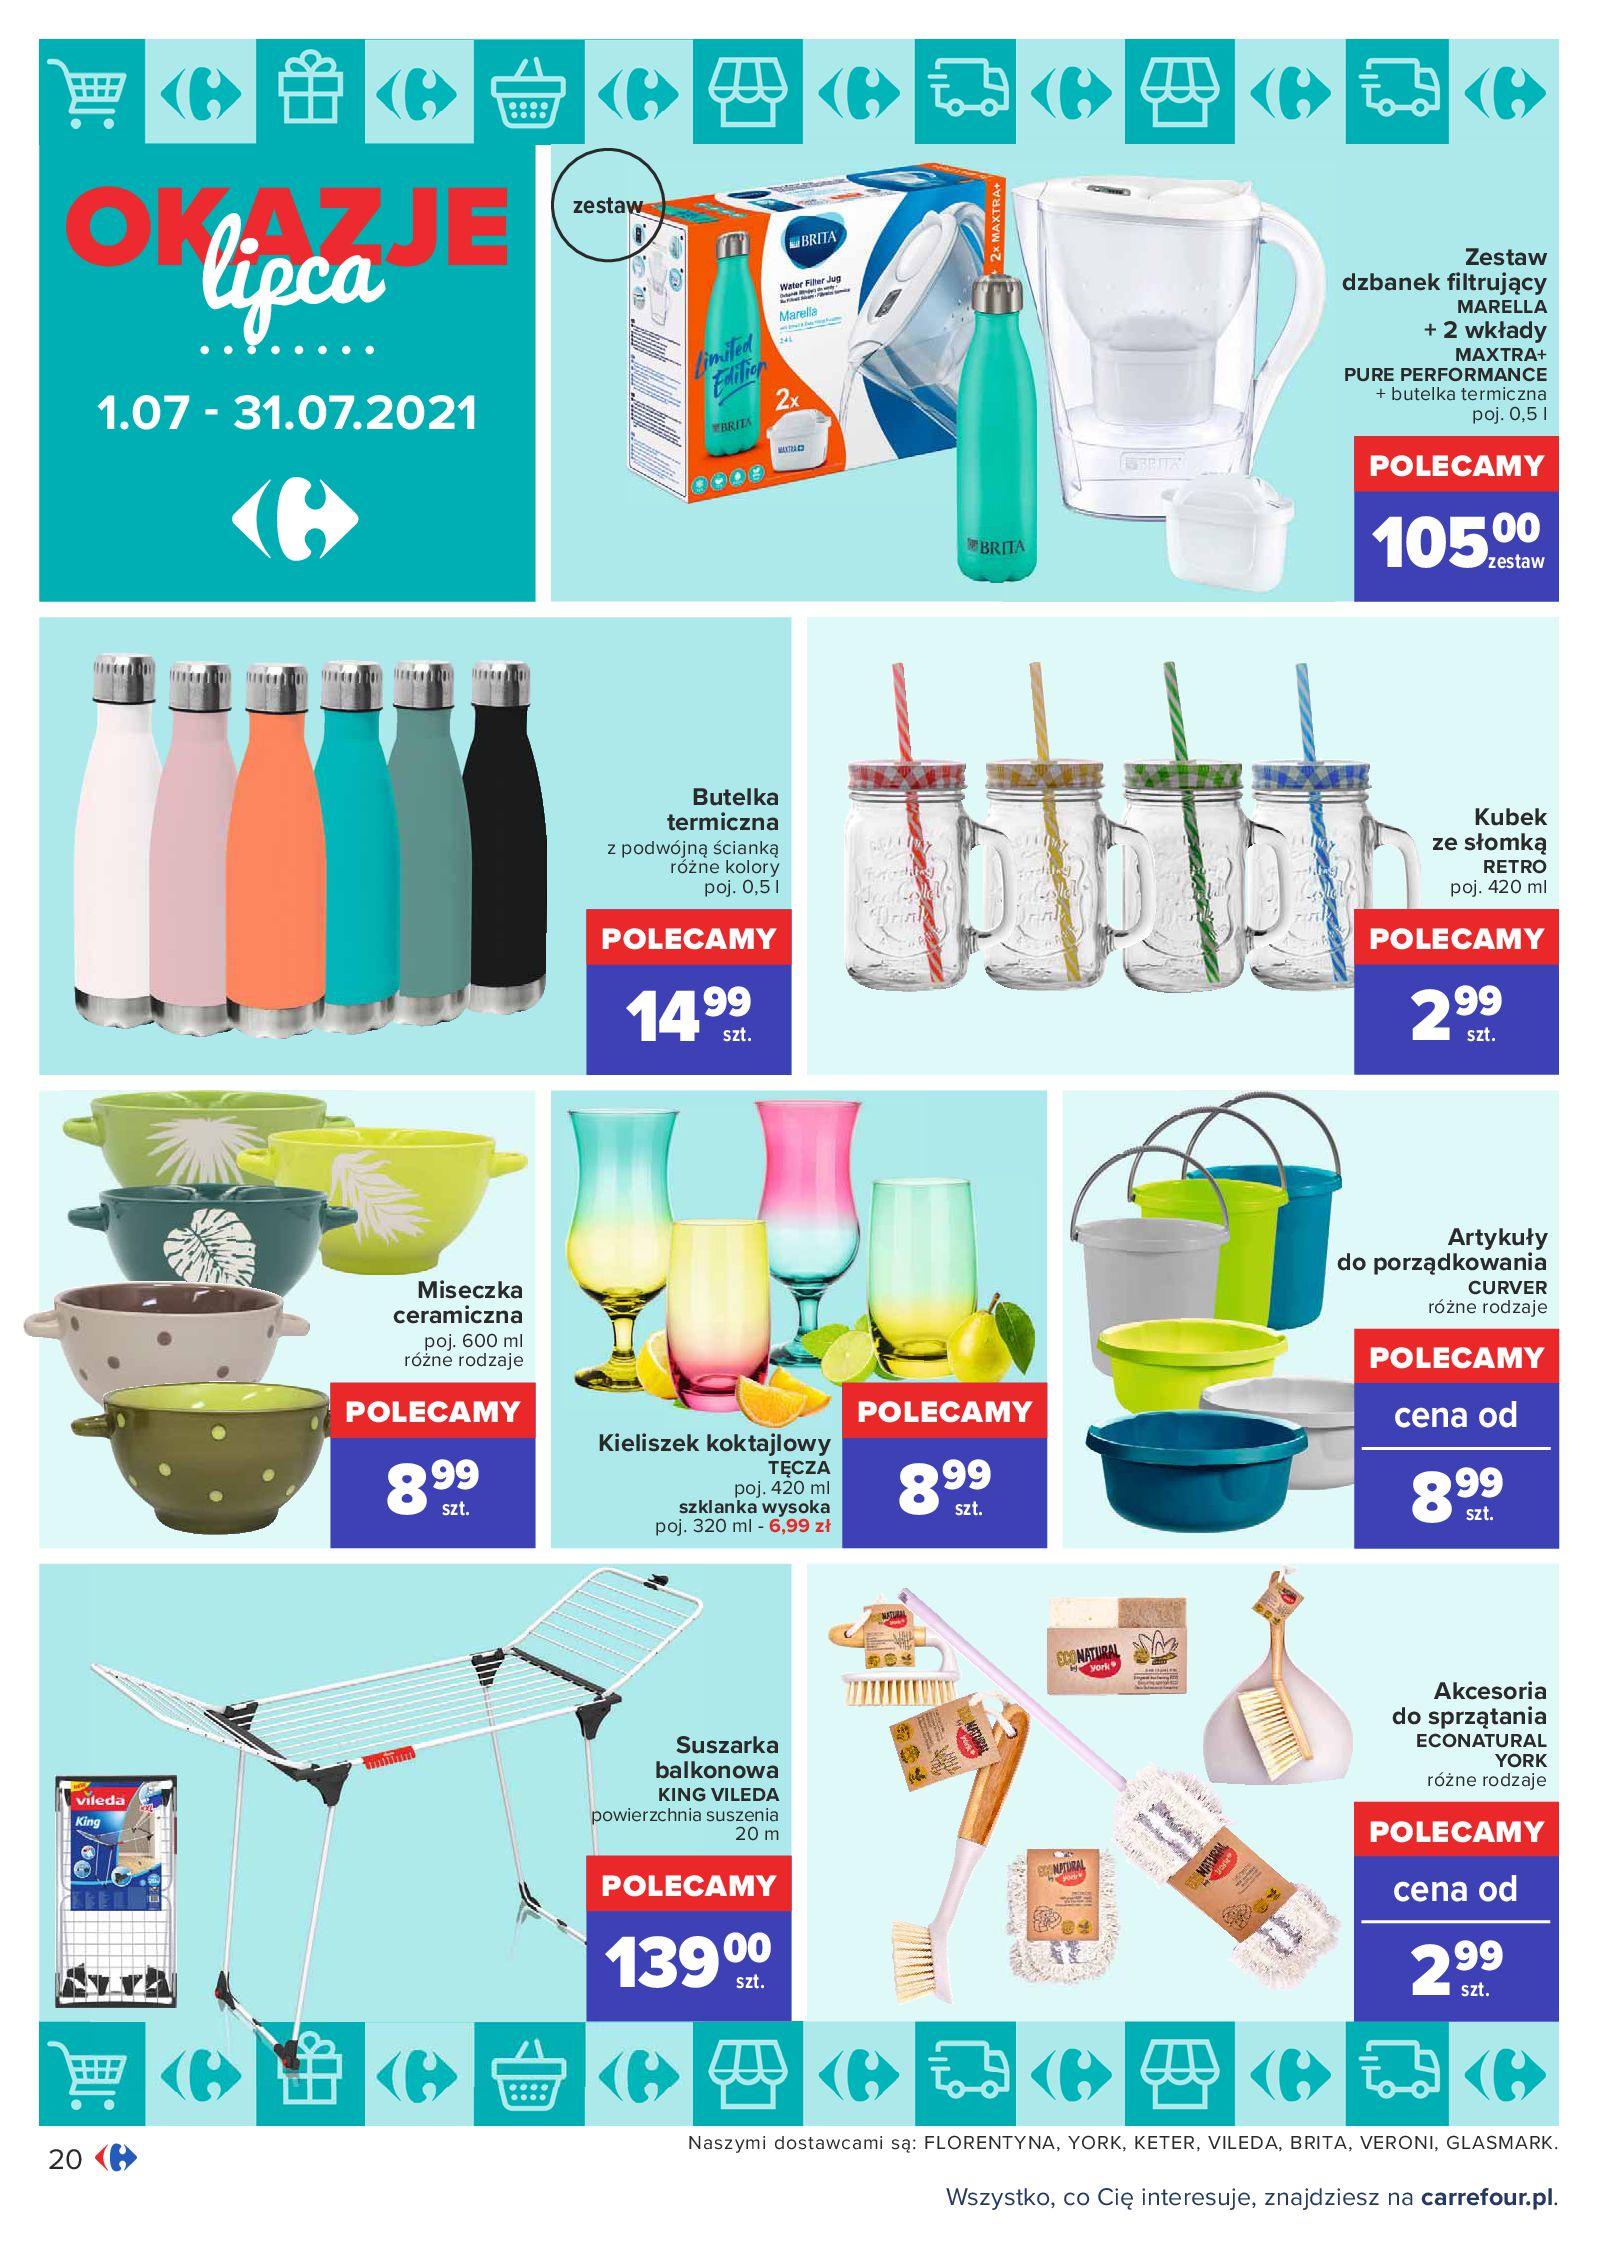 Gazetka Carrefour: Gazetka Carrefour - Okazje lipca 2021-07-01 page-20